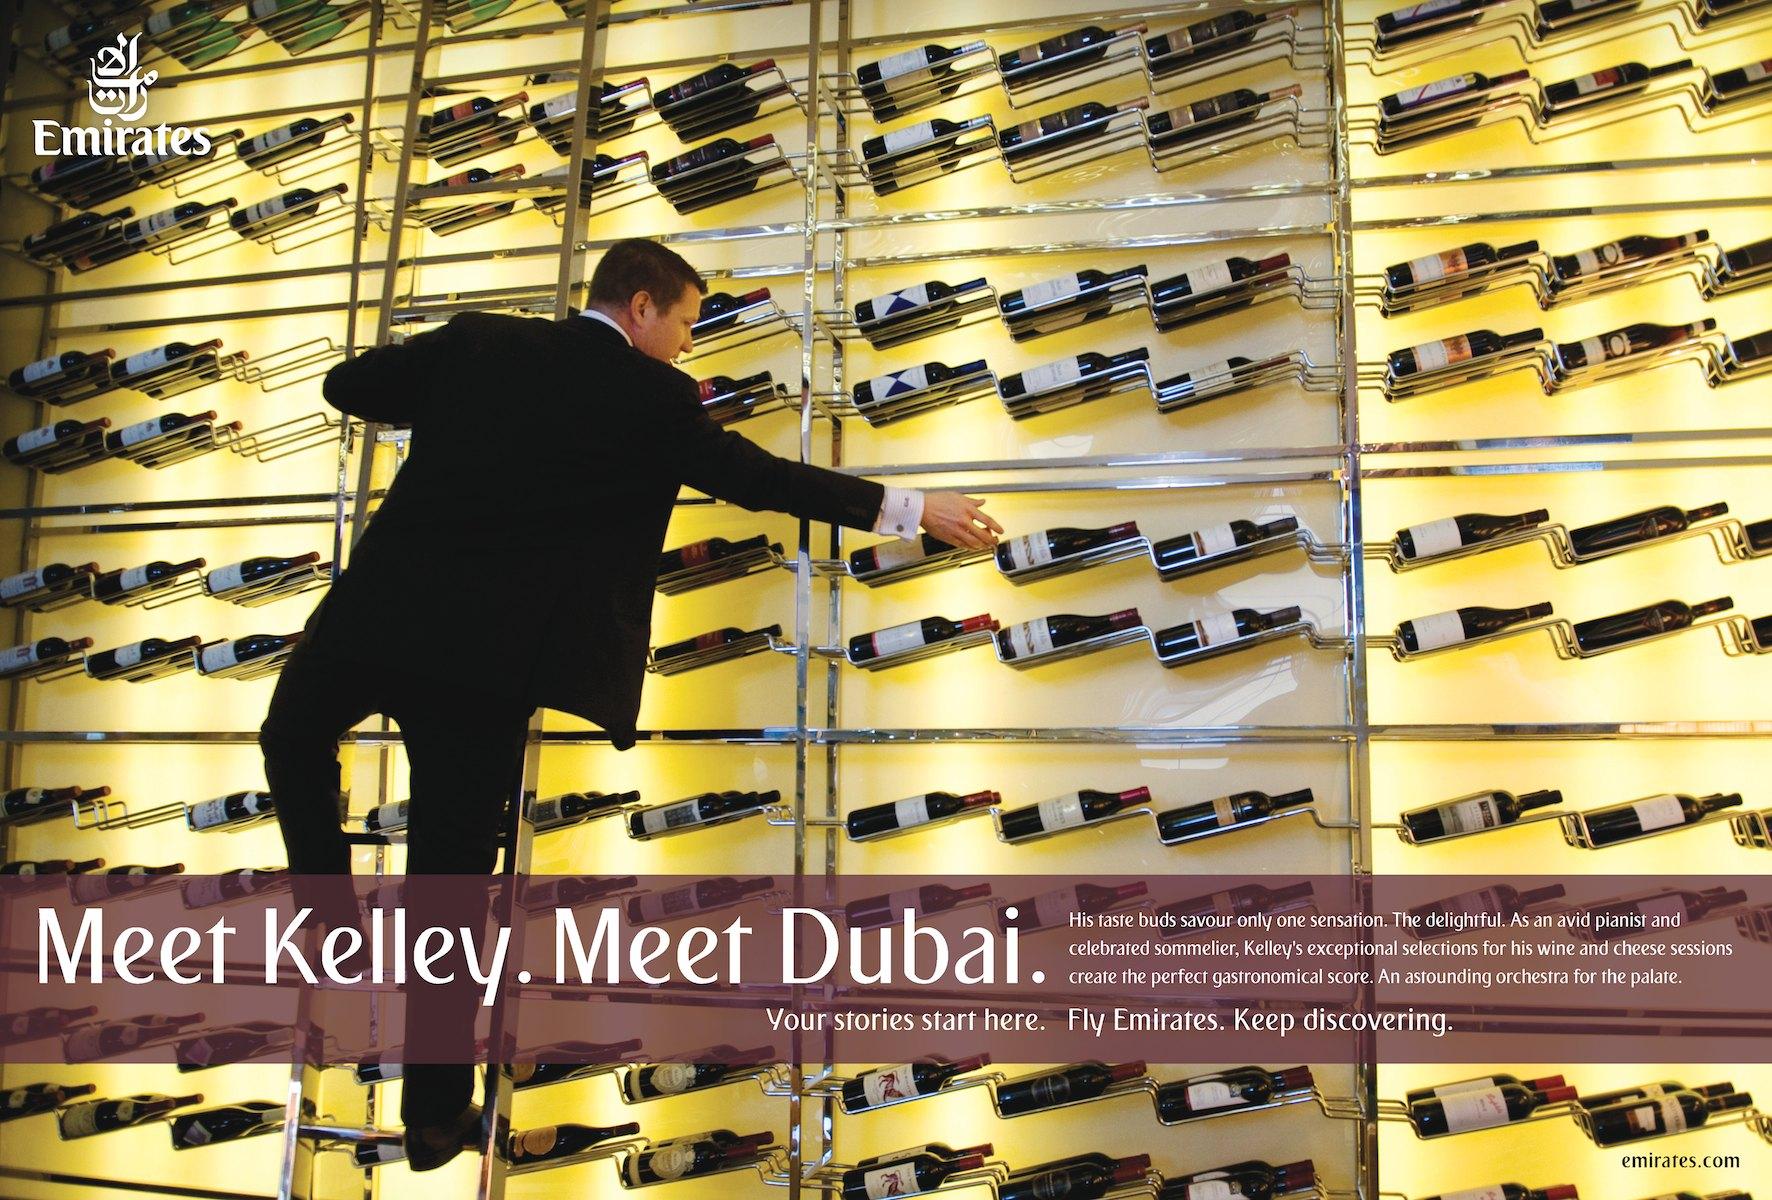 EK Meet Dxb Kelly 420x297.jpg